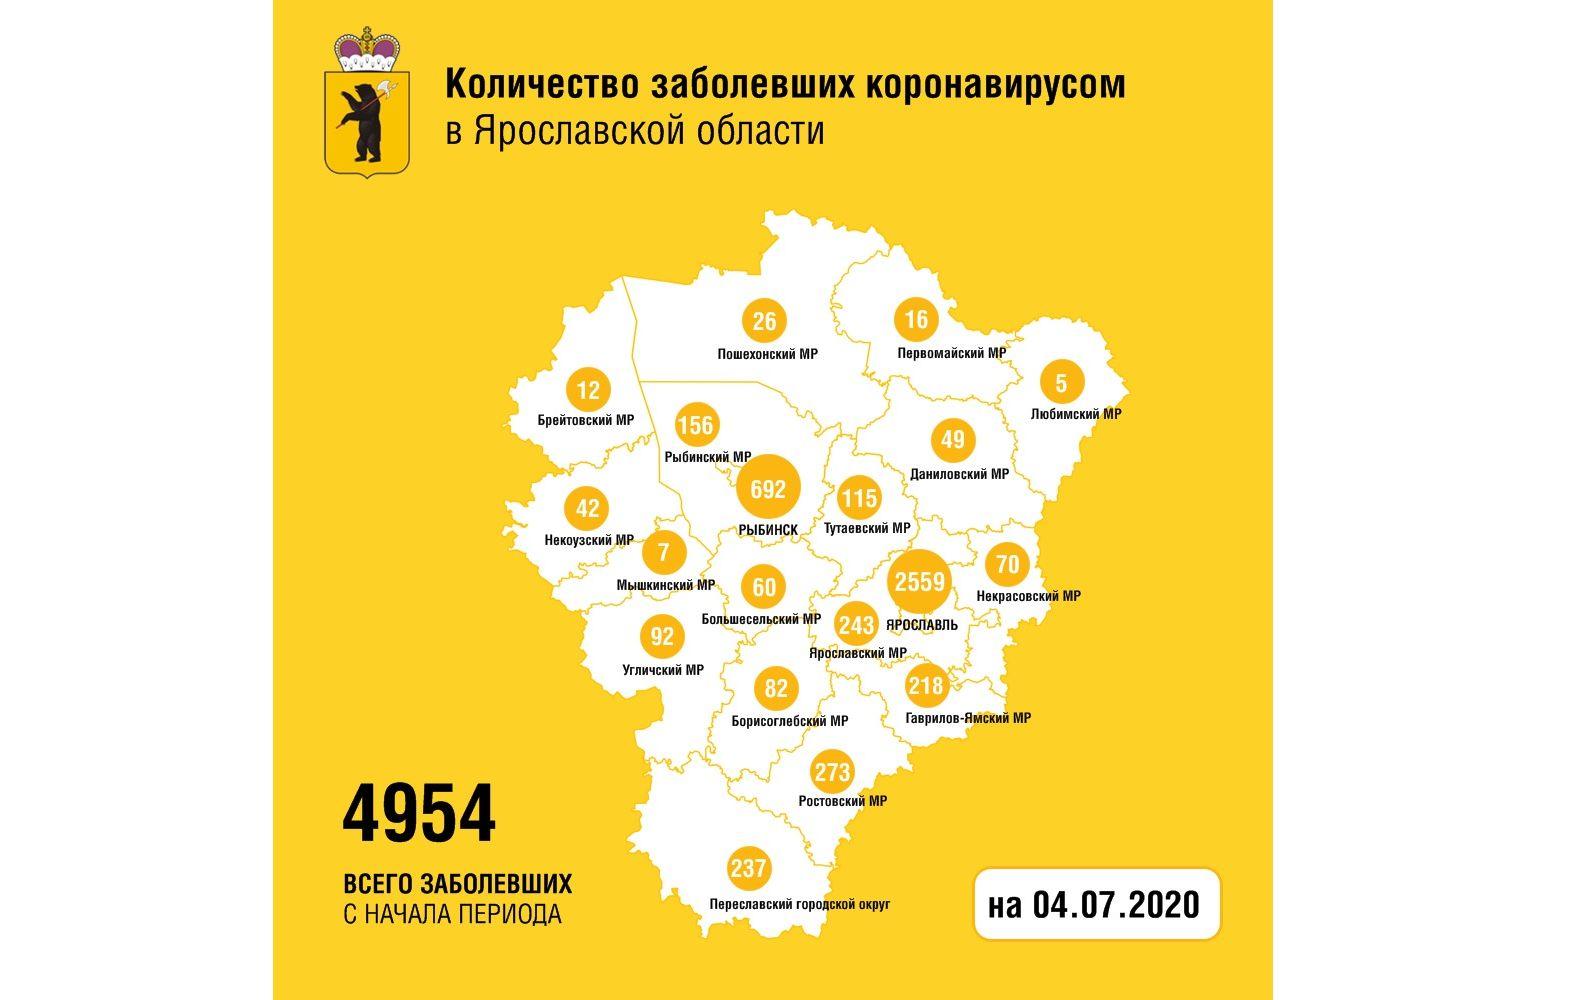 В Ярославской области вылечили от коронавируса еще 155 человек